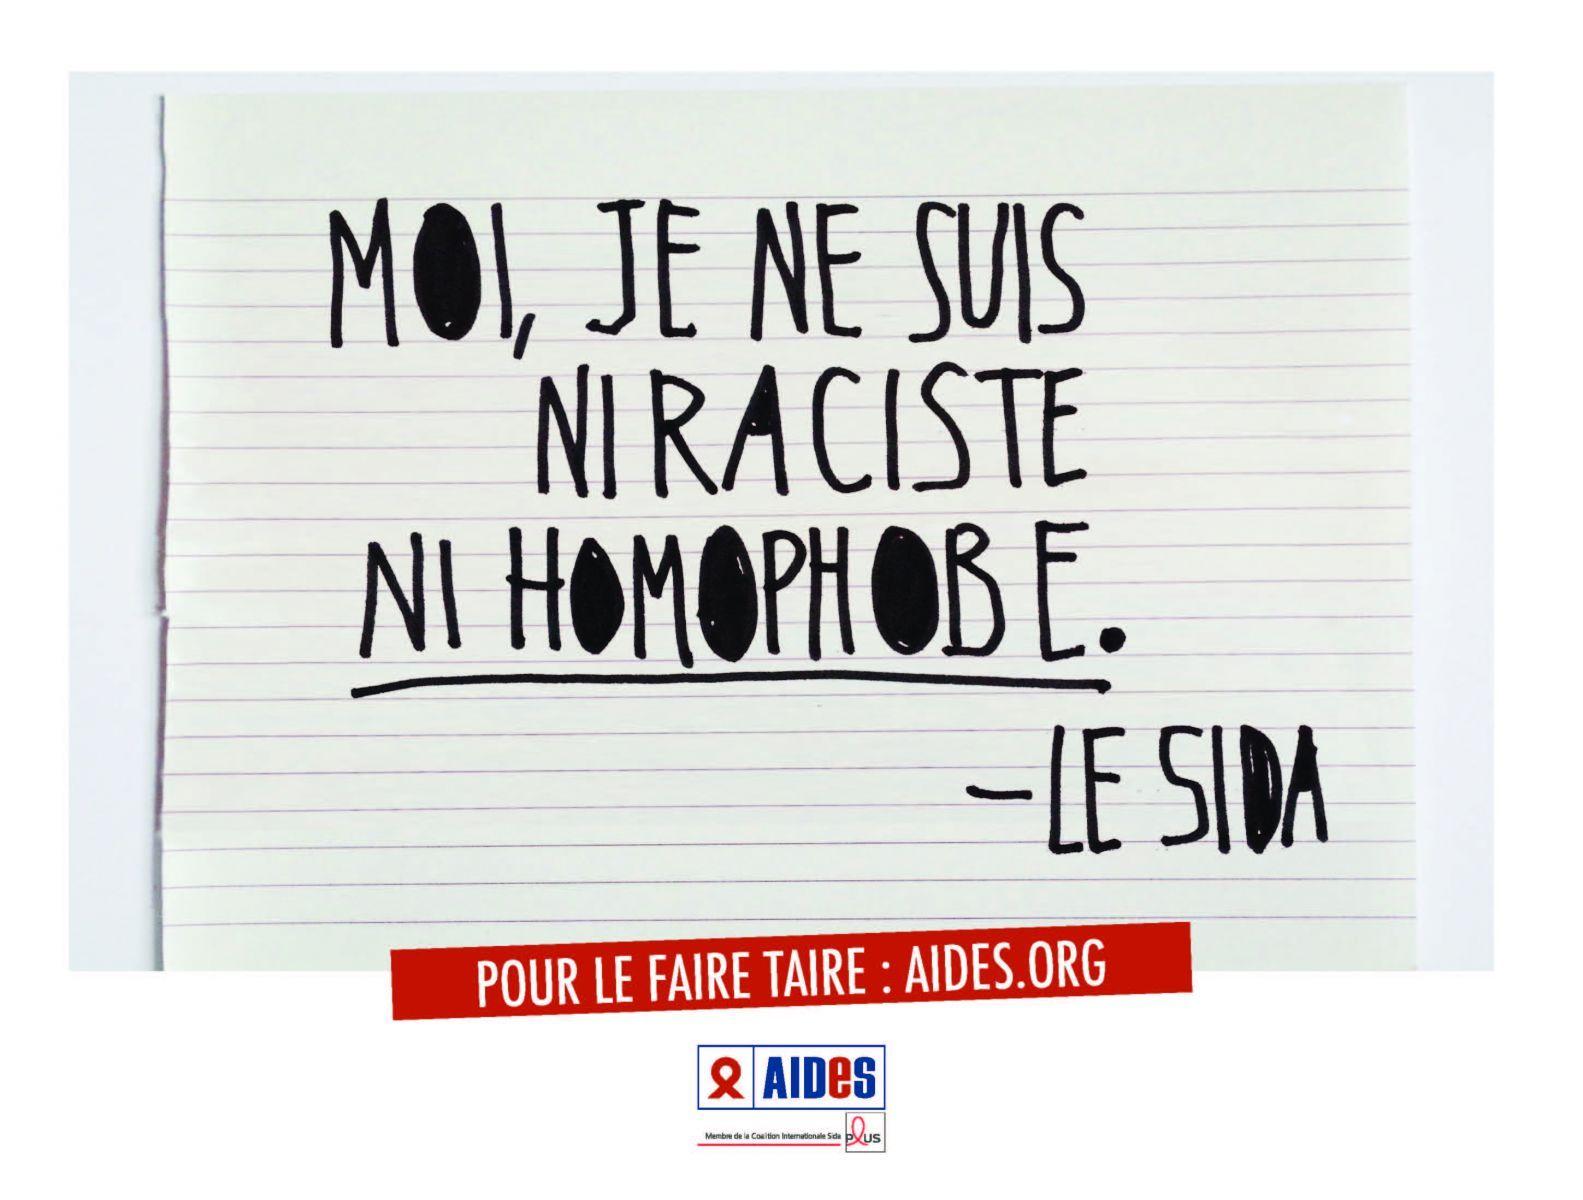 """Résultat de recherche d'images pour """"image vie et sida"""""""